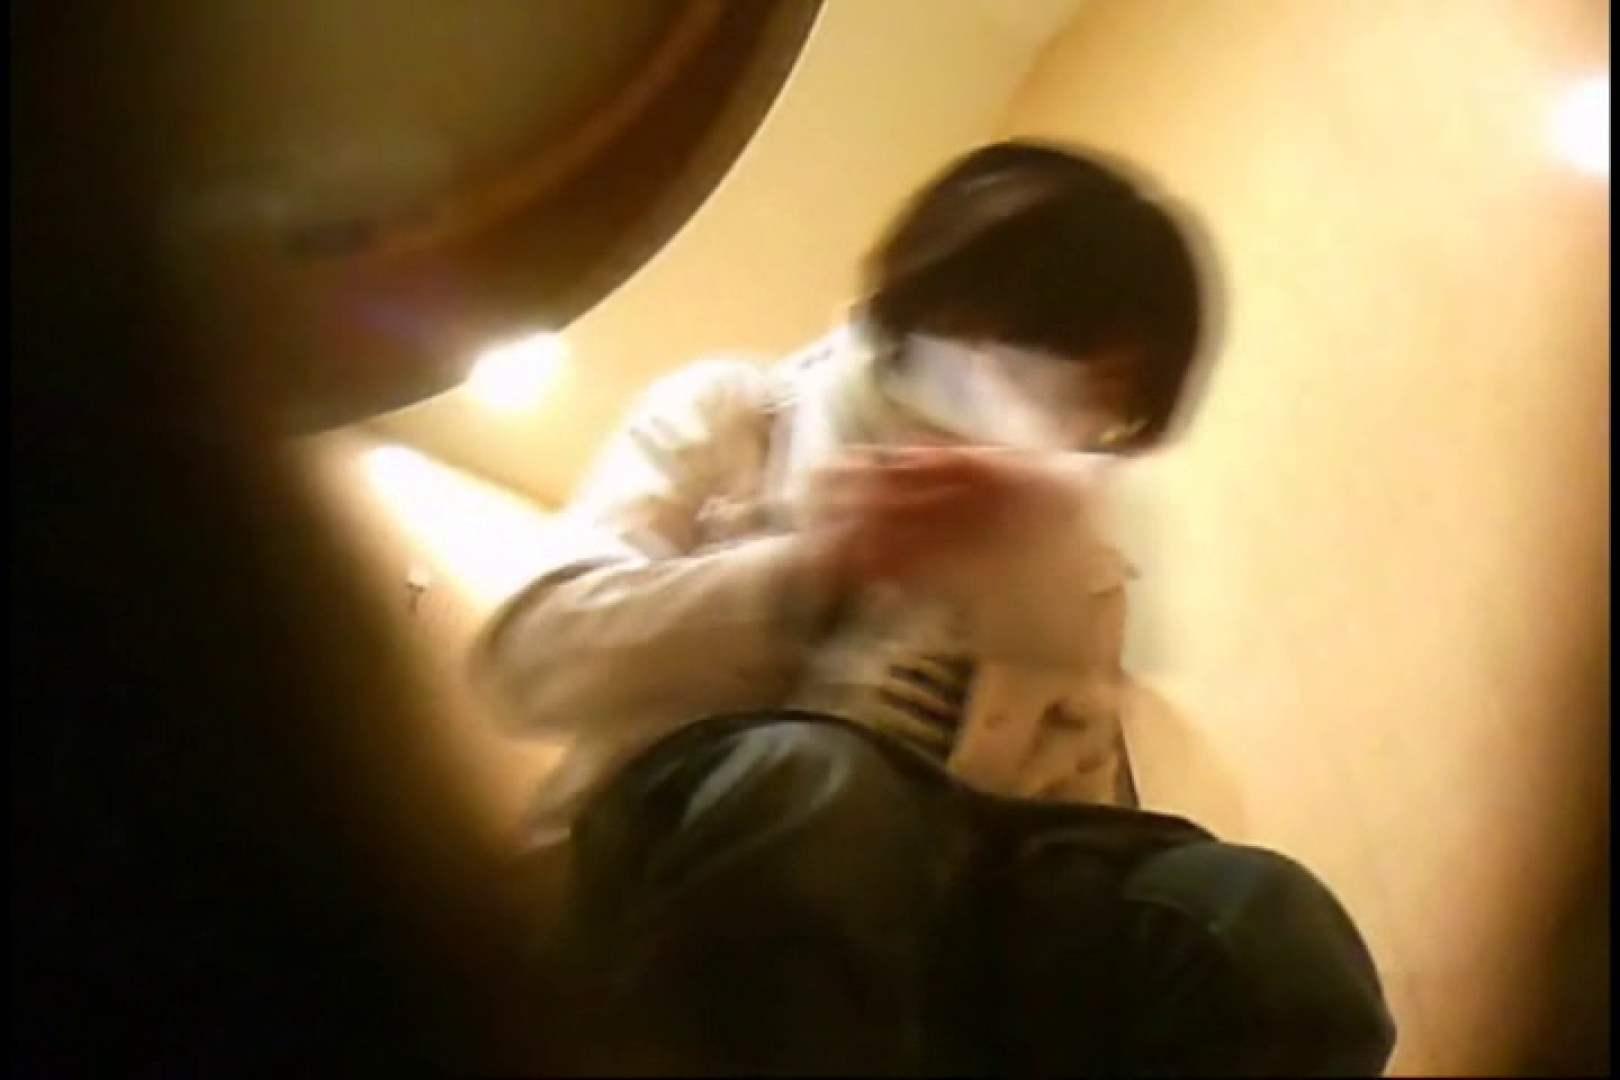 画質向上!新亀さん厠 vol.18 マンコエロすぎ オマンコ動画キャプチャ 89PIX 58